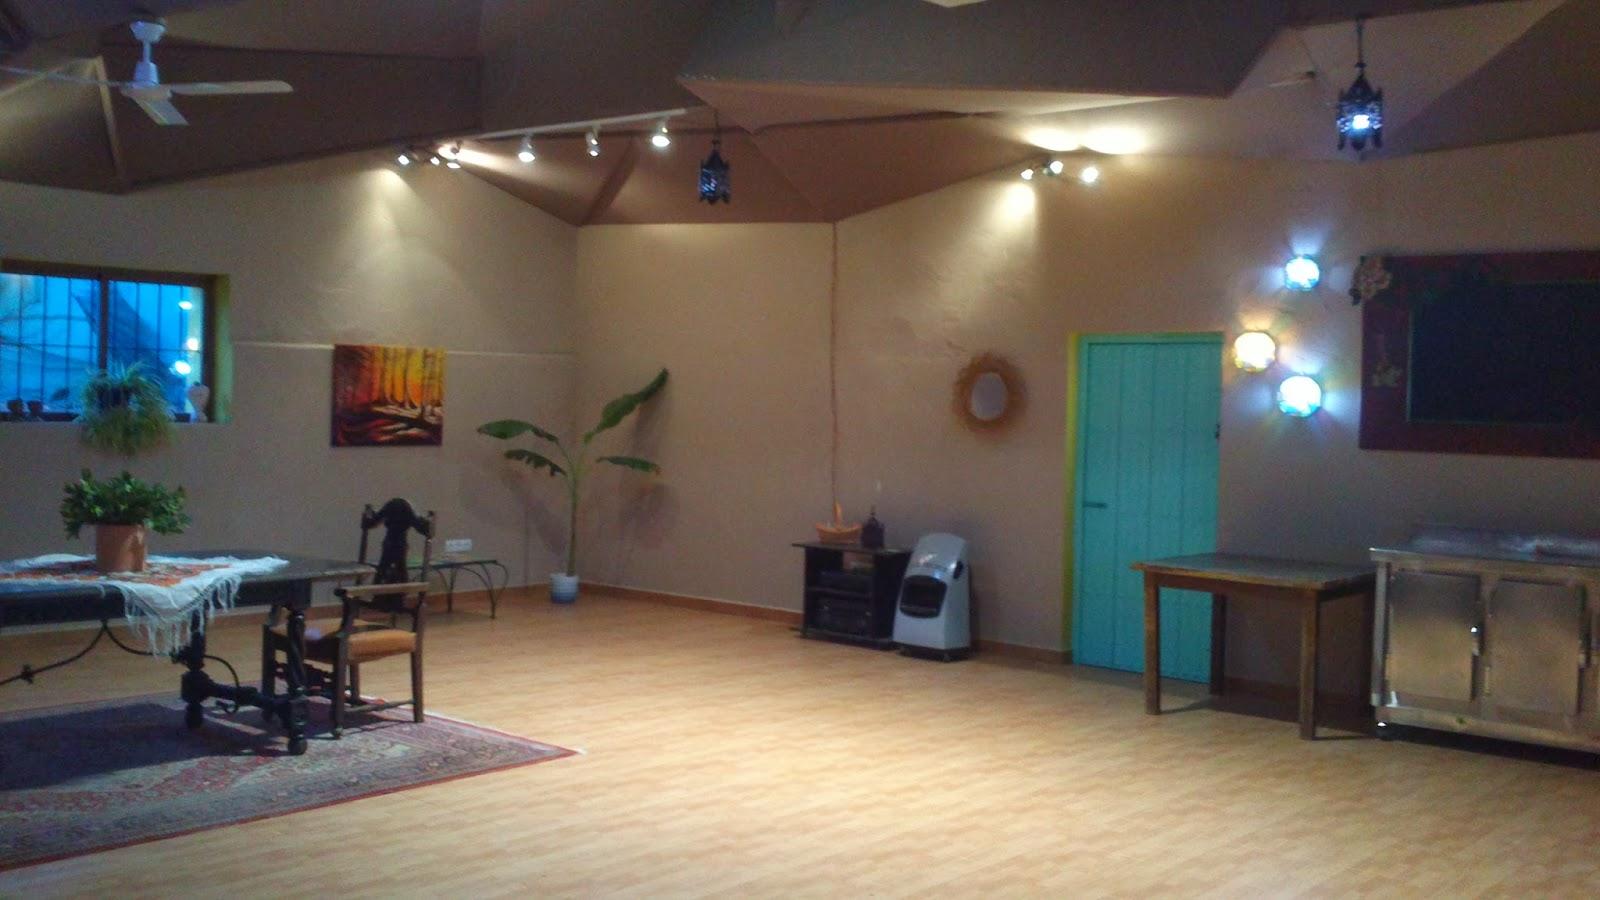 Nuevo sal n de celebraciones en sevilla el blog de for Acuario salon de celebraciones